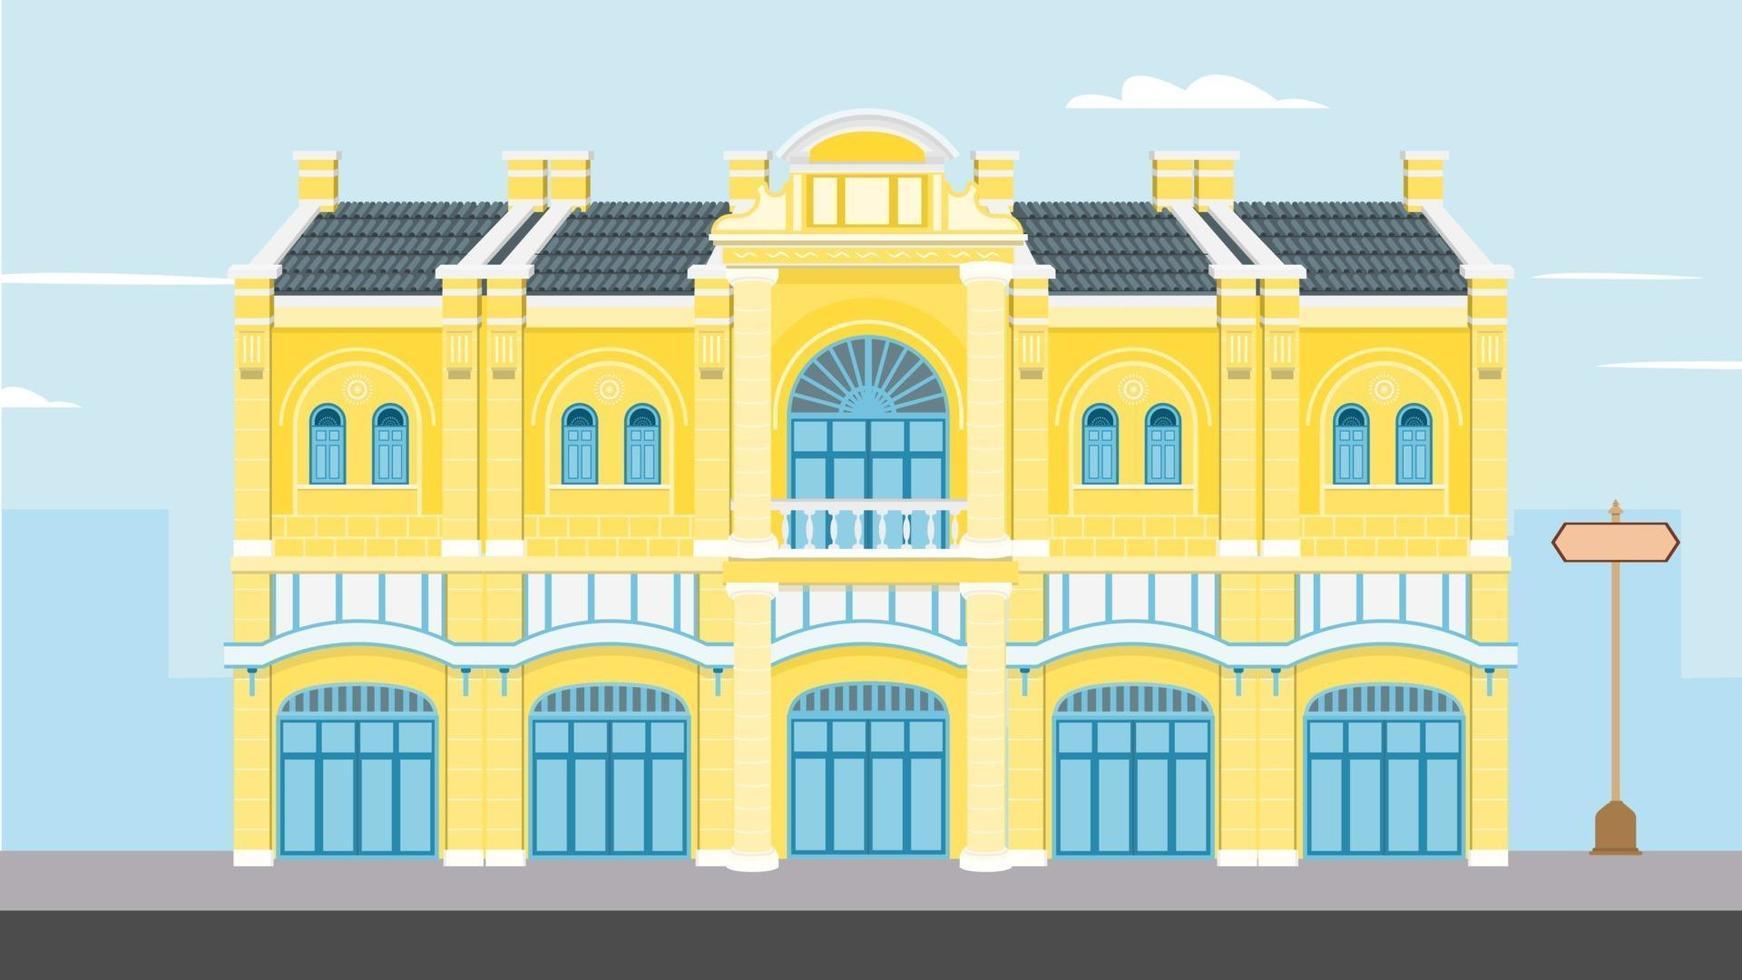 thailändsk vintage byggnad vektorillustration. regeringsbyggnader på gatan platt design. gammal historisk byggnad i bangkok. klassiskt hus på raod med stadsbakgrund vektor